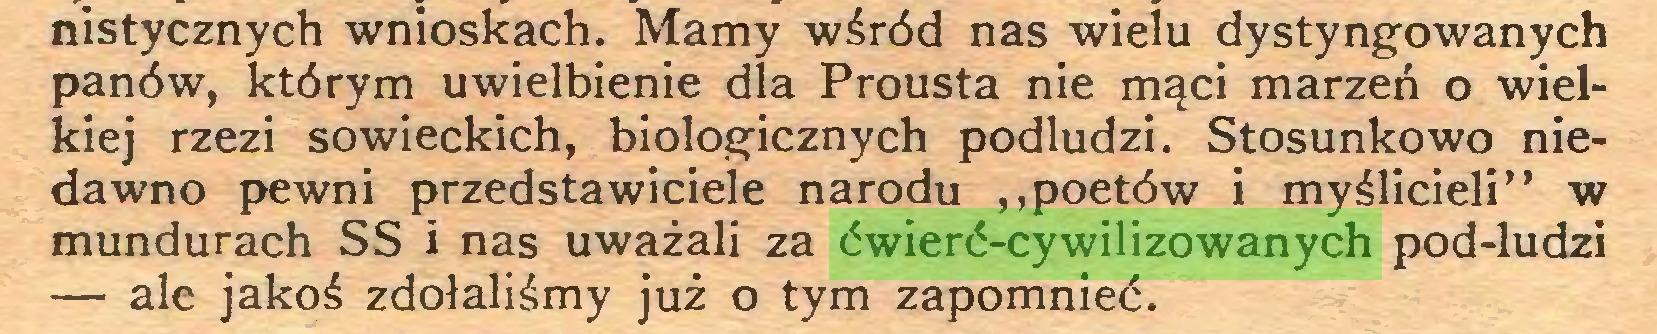 """(...) nistycznych wnioskach. Mamy wśród nas wielu dystyngowanych panów, którym uwielbienie dla Prousta nie mąci marzeń o wielkiej rzezi sowieckich, biologicznych podludzi. Stosunkowo niedawno pewni przedstawiciele narodu ,,poetów i myślicieli"""" w mundurach SS i nas uważali za ćwierć-cywilizowanych pod-ludzi — ale jakoś zdołaliśmy już o tym zapomnieć..."""